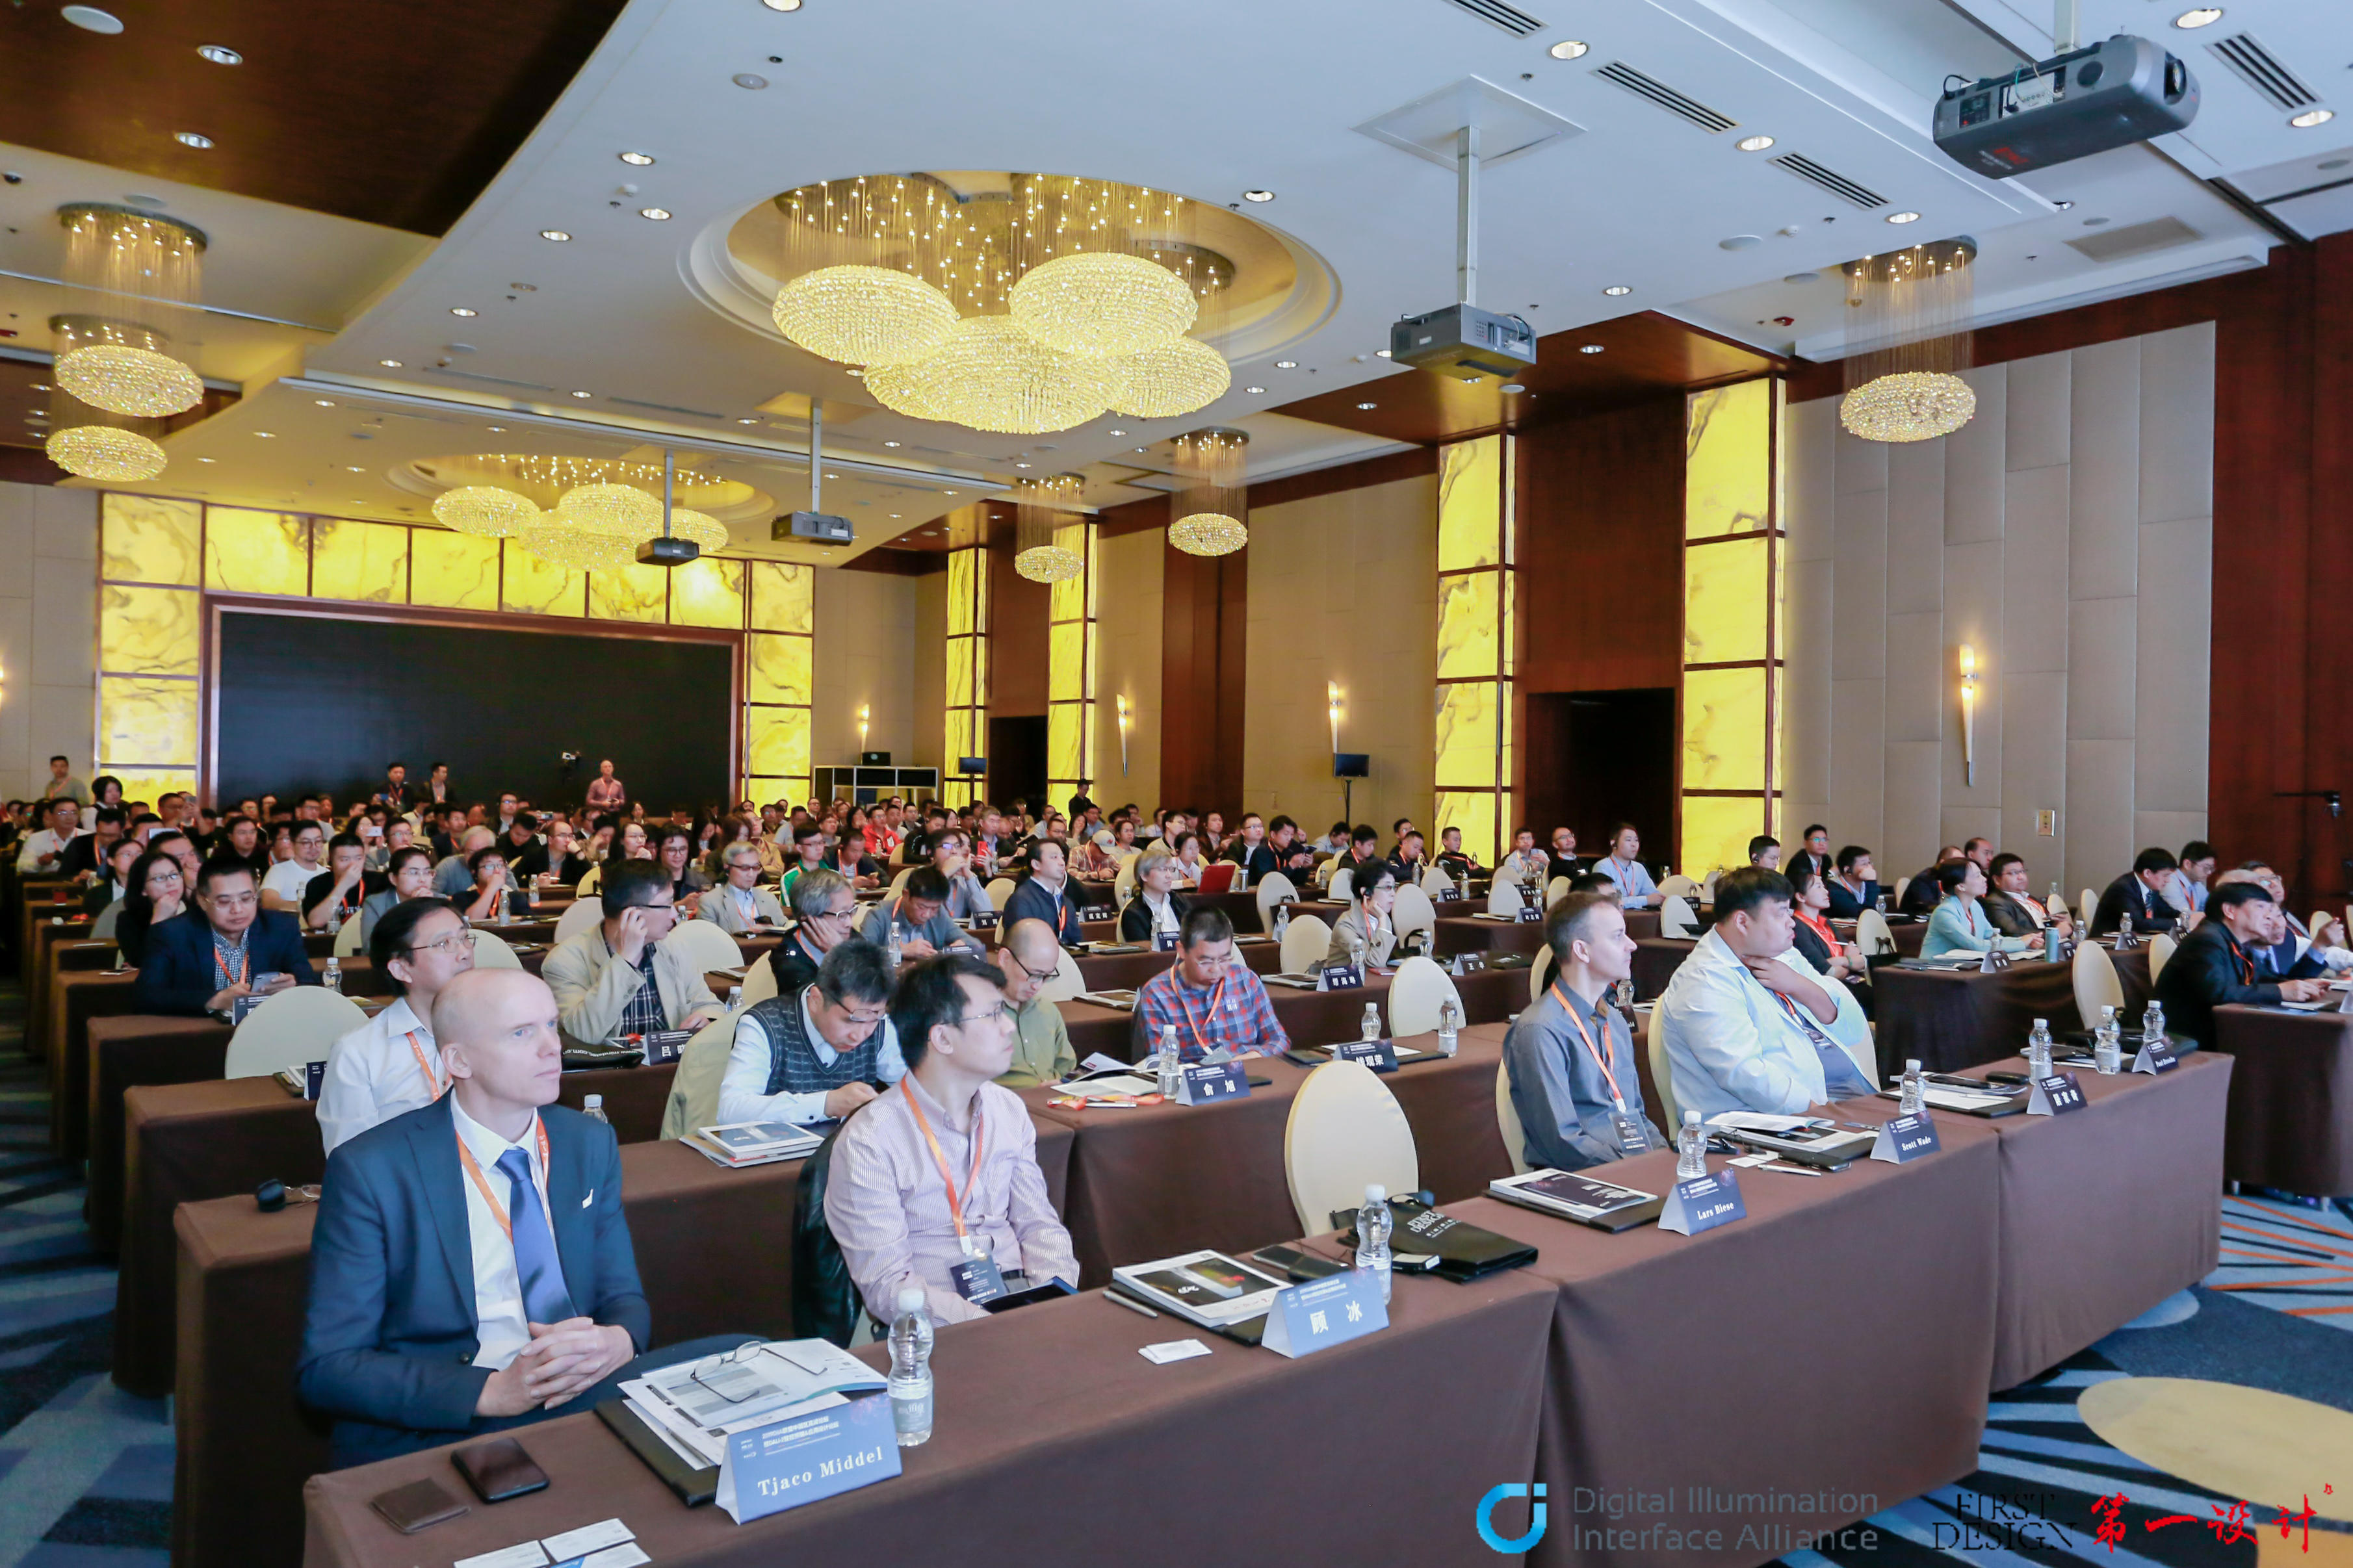 图一:论坛现场吸引超过200位贵宾到场参与盛会